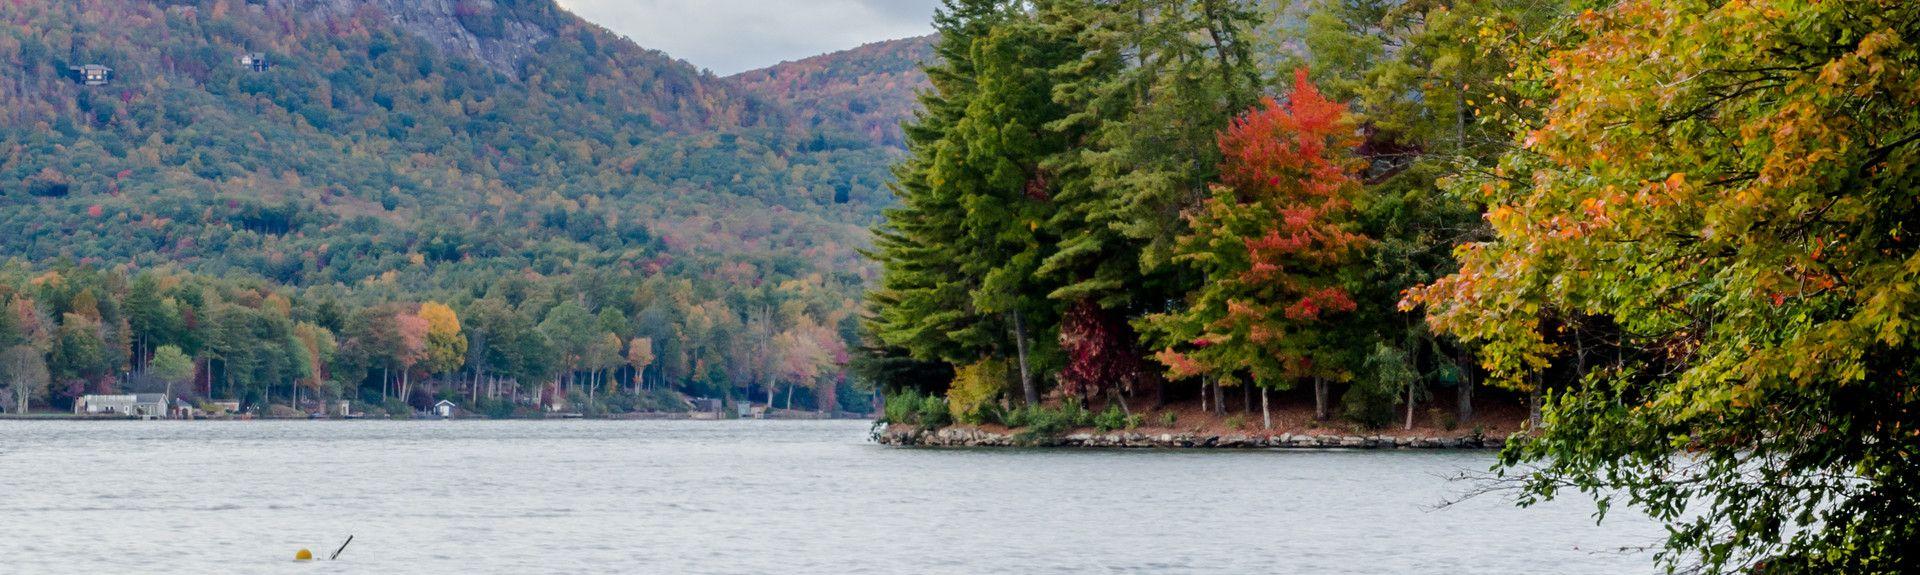 Lake Toxaway, North Carolina, USA